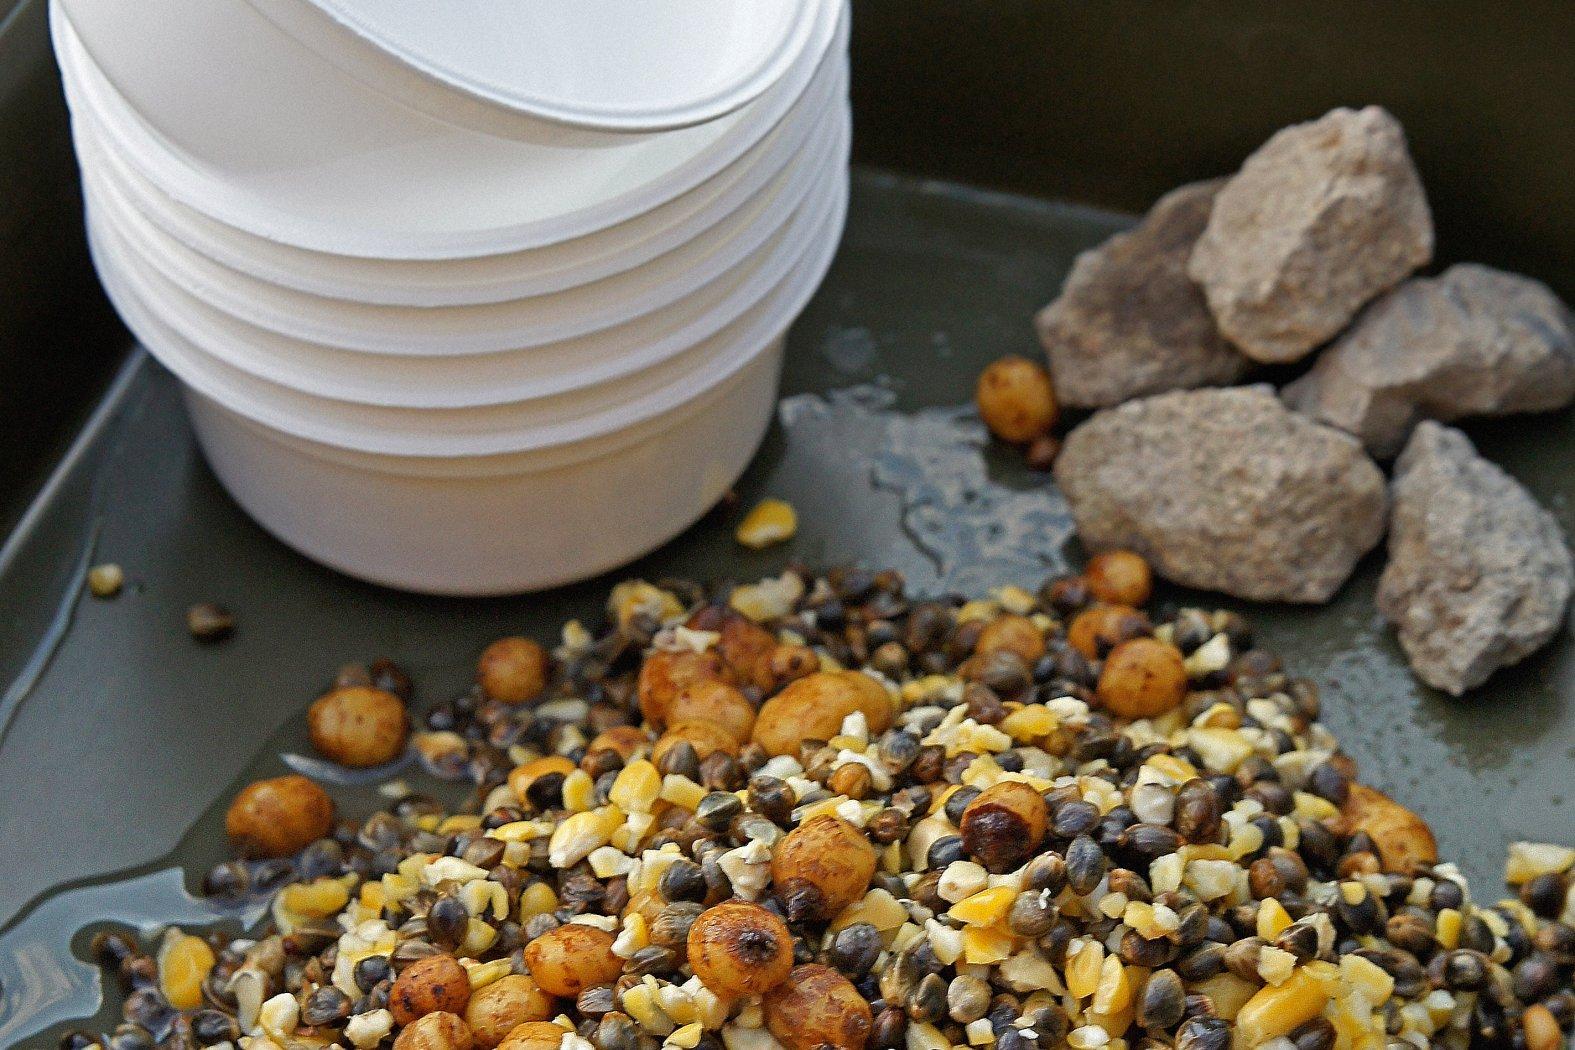 Partikelmischung aus Tigernüssen, Mais und Hanf